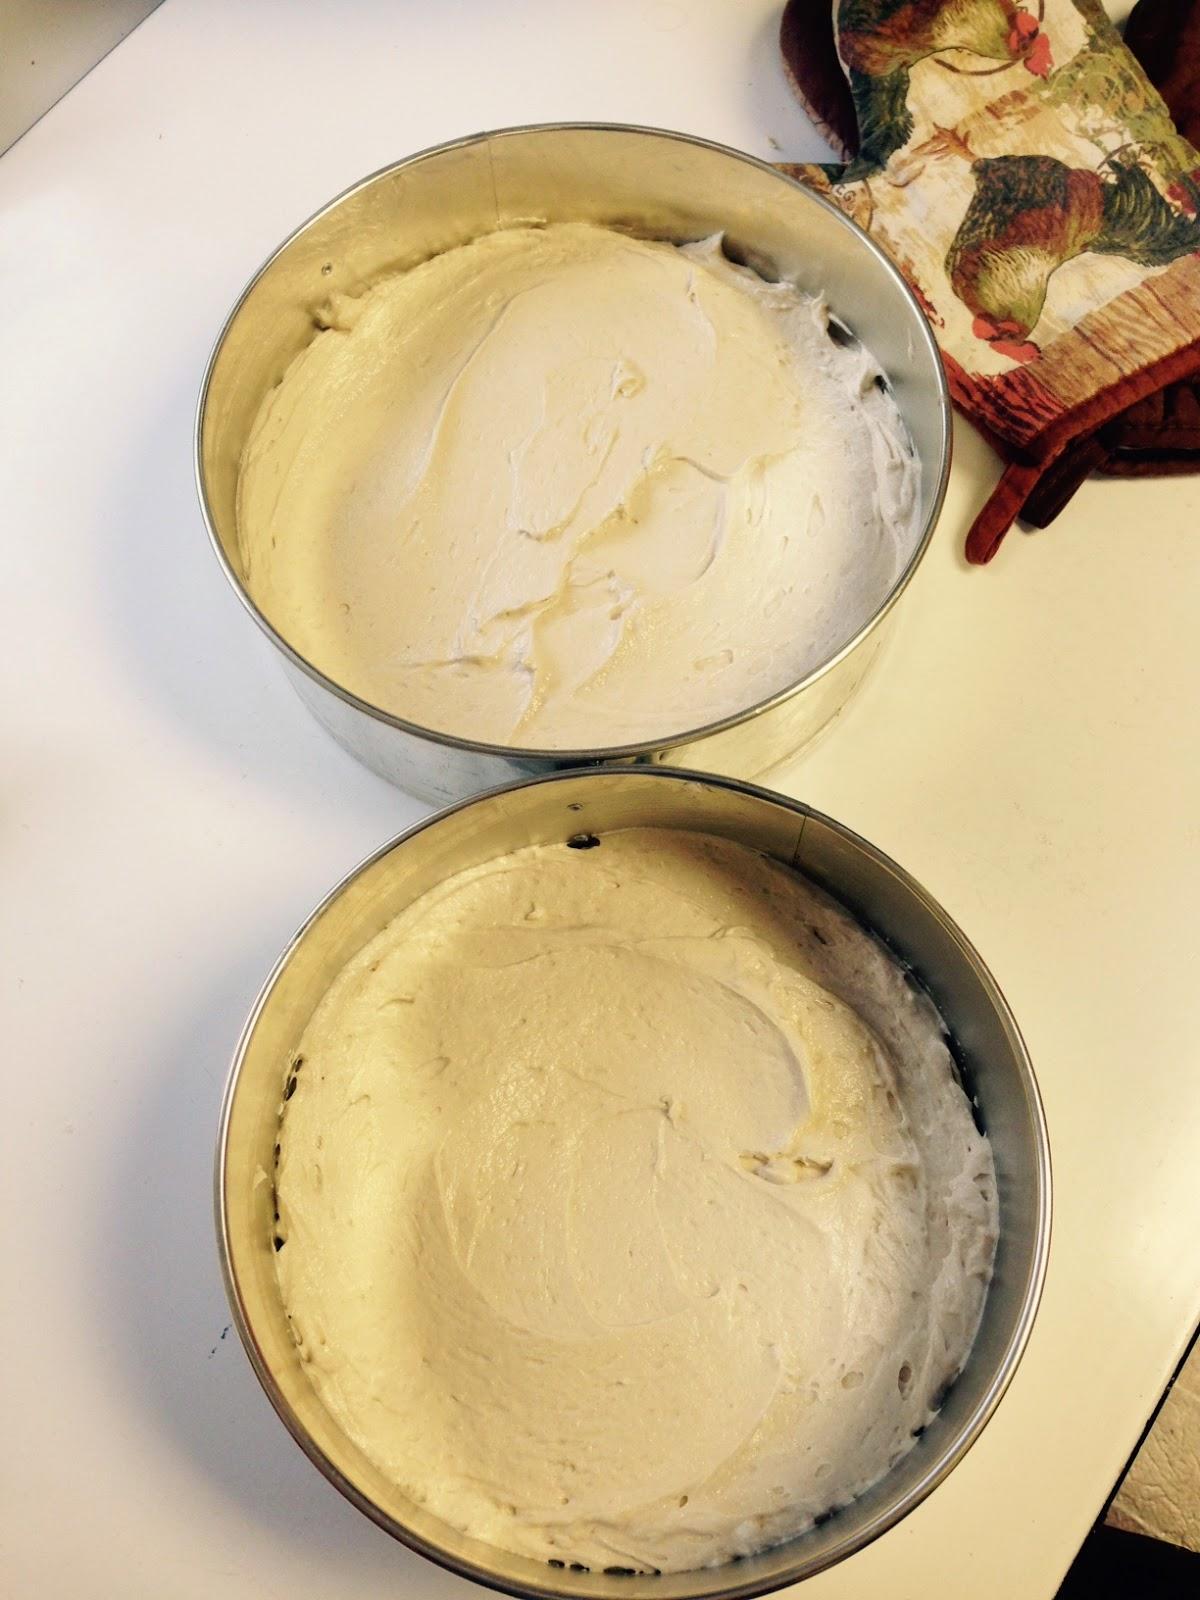 Use Smaller Cake Pan To Cut Larger Cake